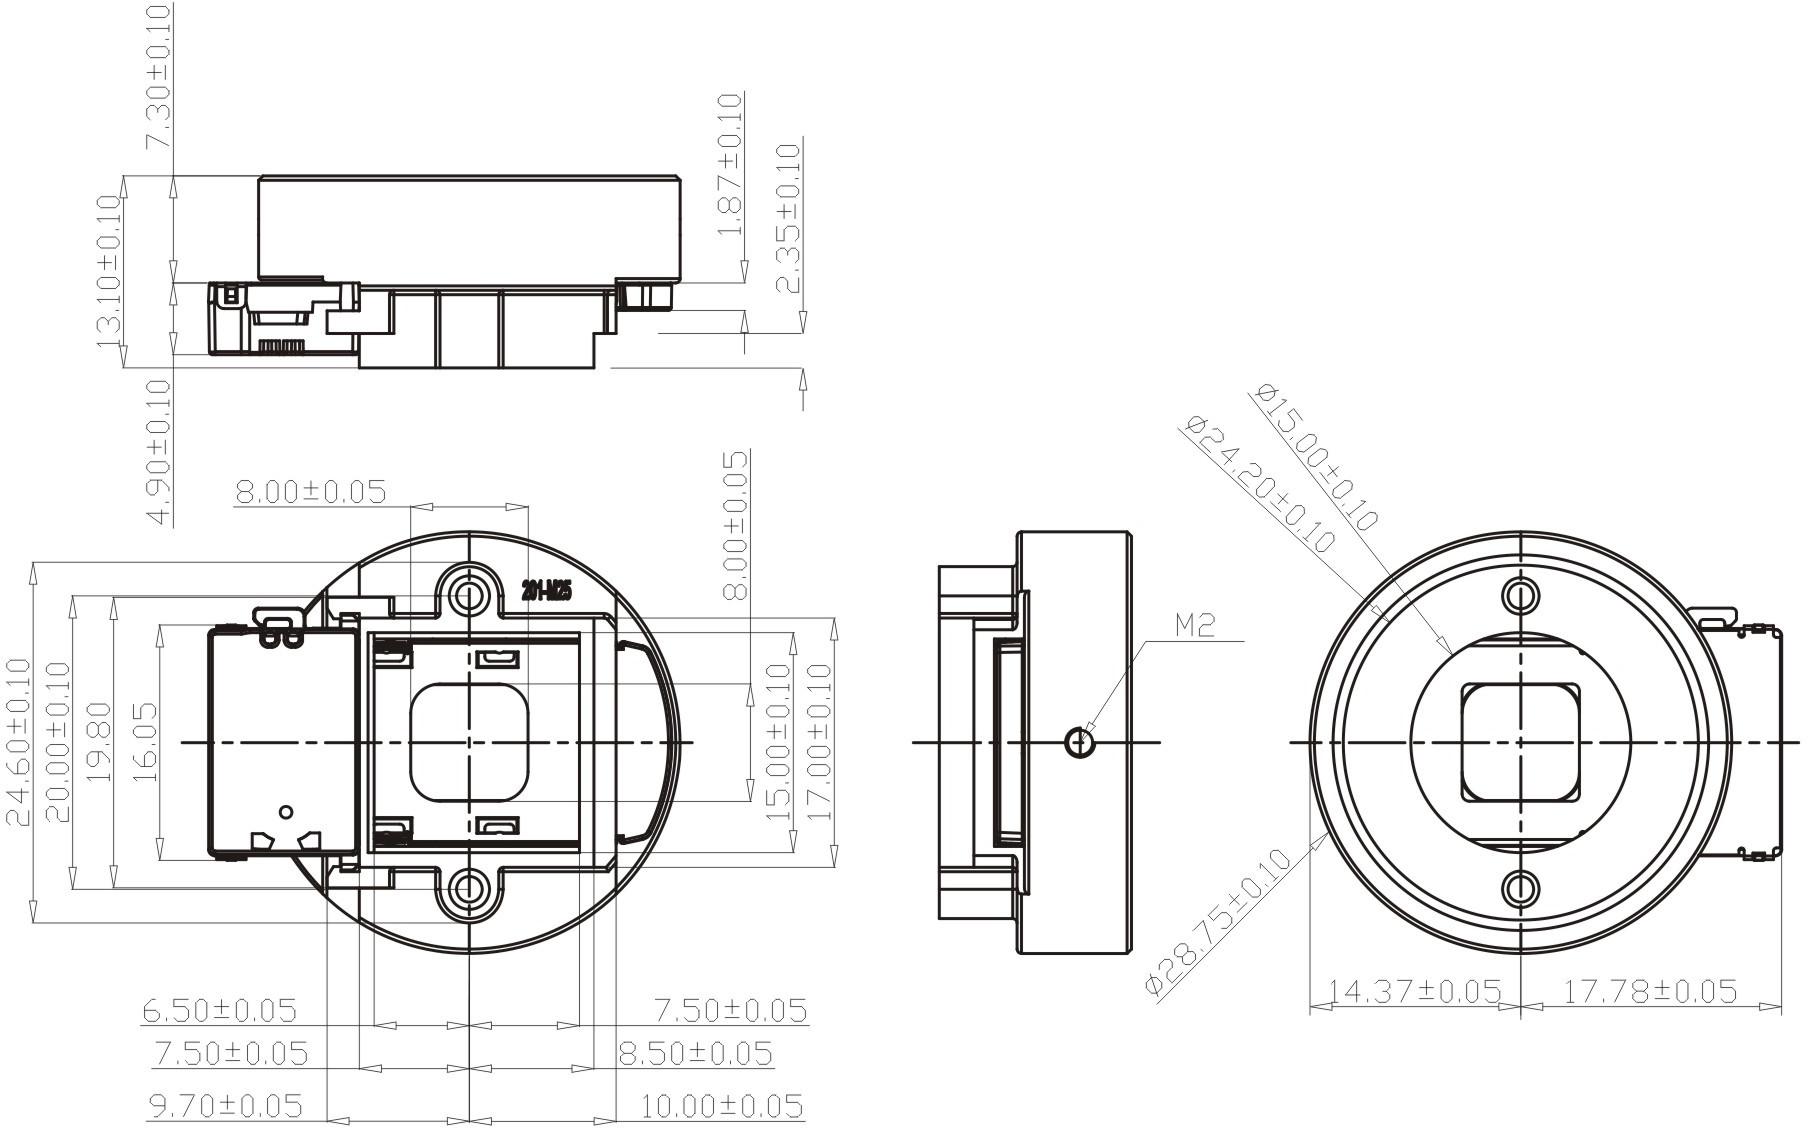 HD IR CUT filter CS lens mount double filter switcher for